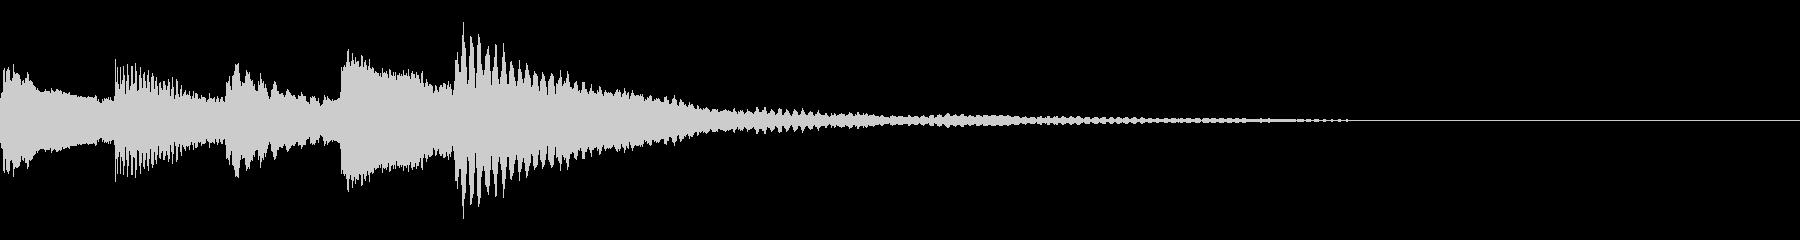 ピアノ ジングルの未再生の波形